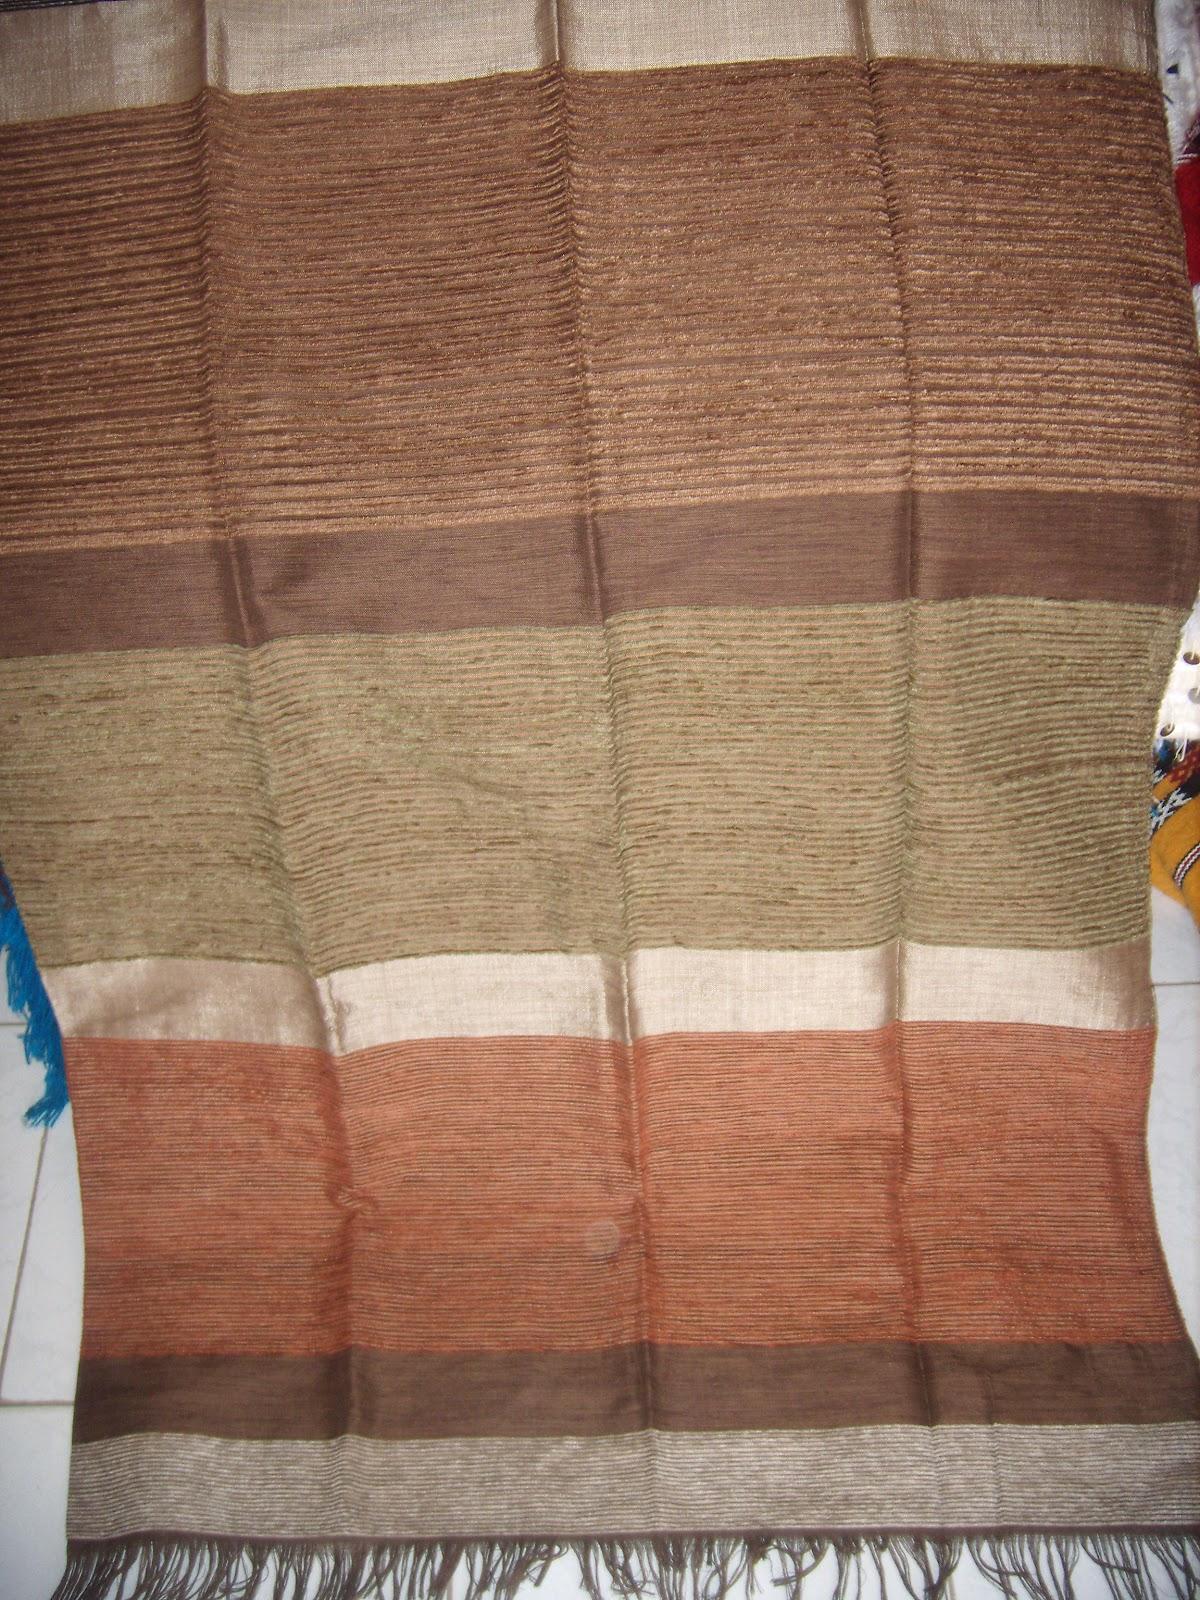 merycarpet couvre lit ou jet de canap marron beige brun brique. Black Bedroom Furniture Sets. Home Design Ideas